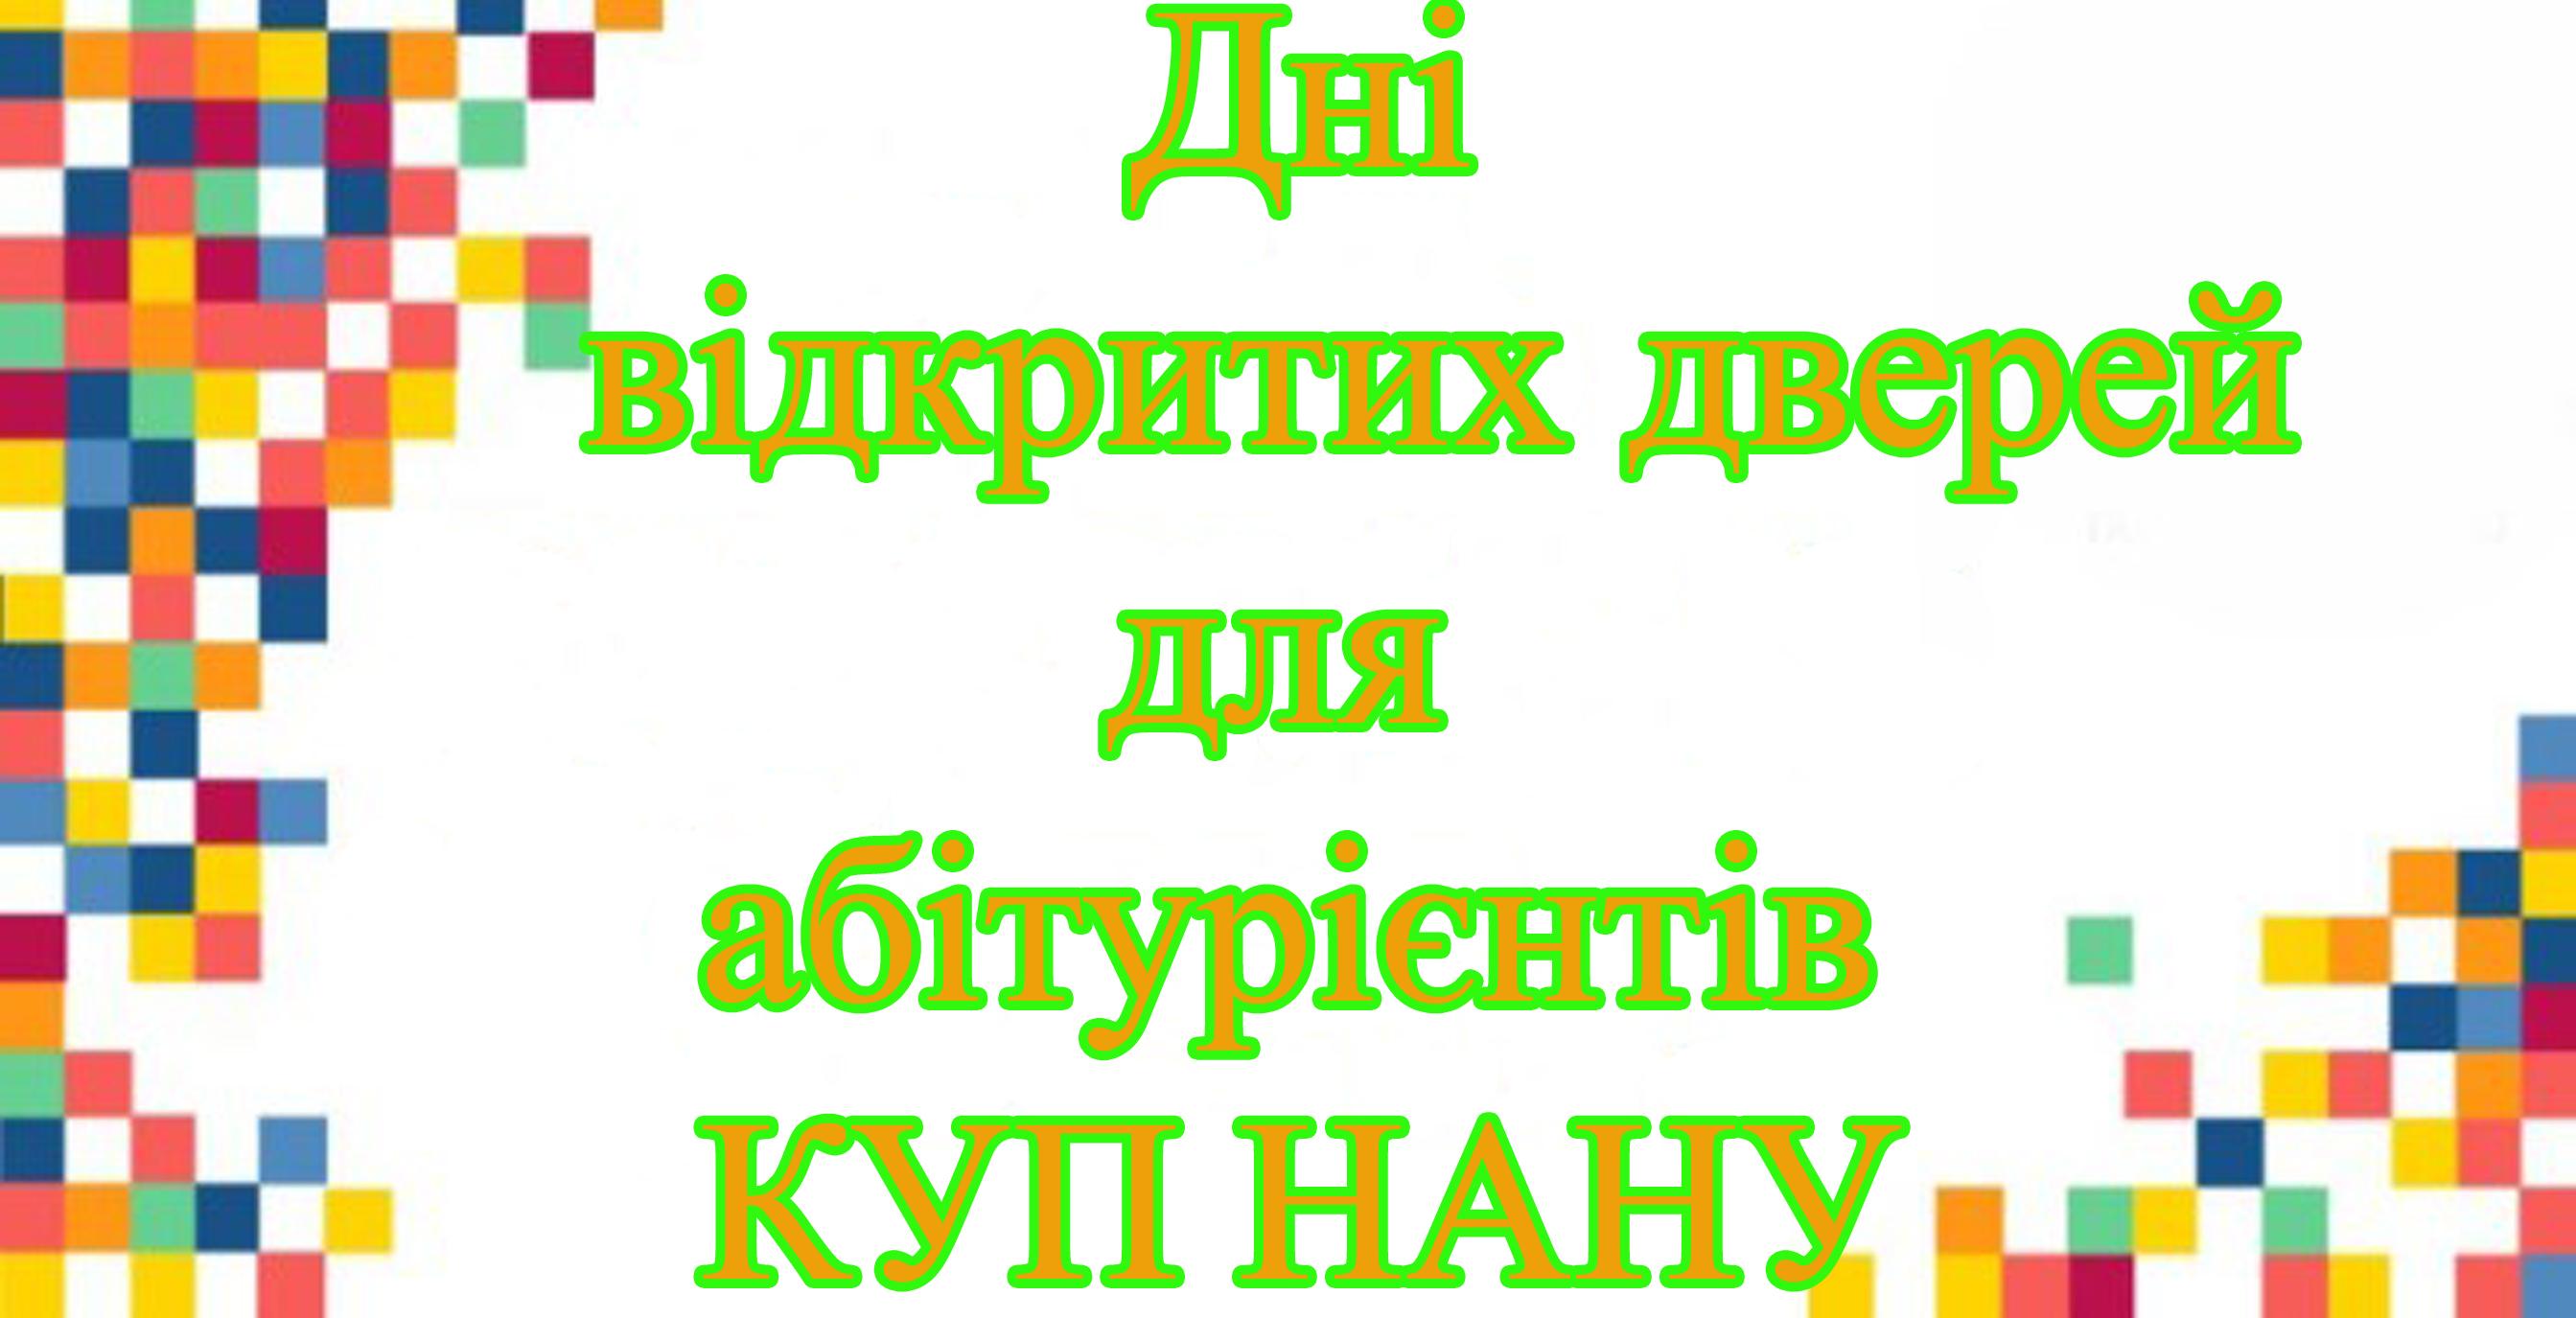 konkvas.jpg